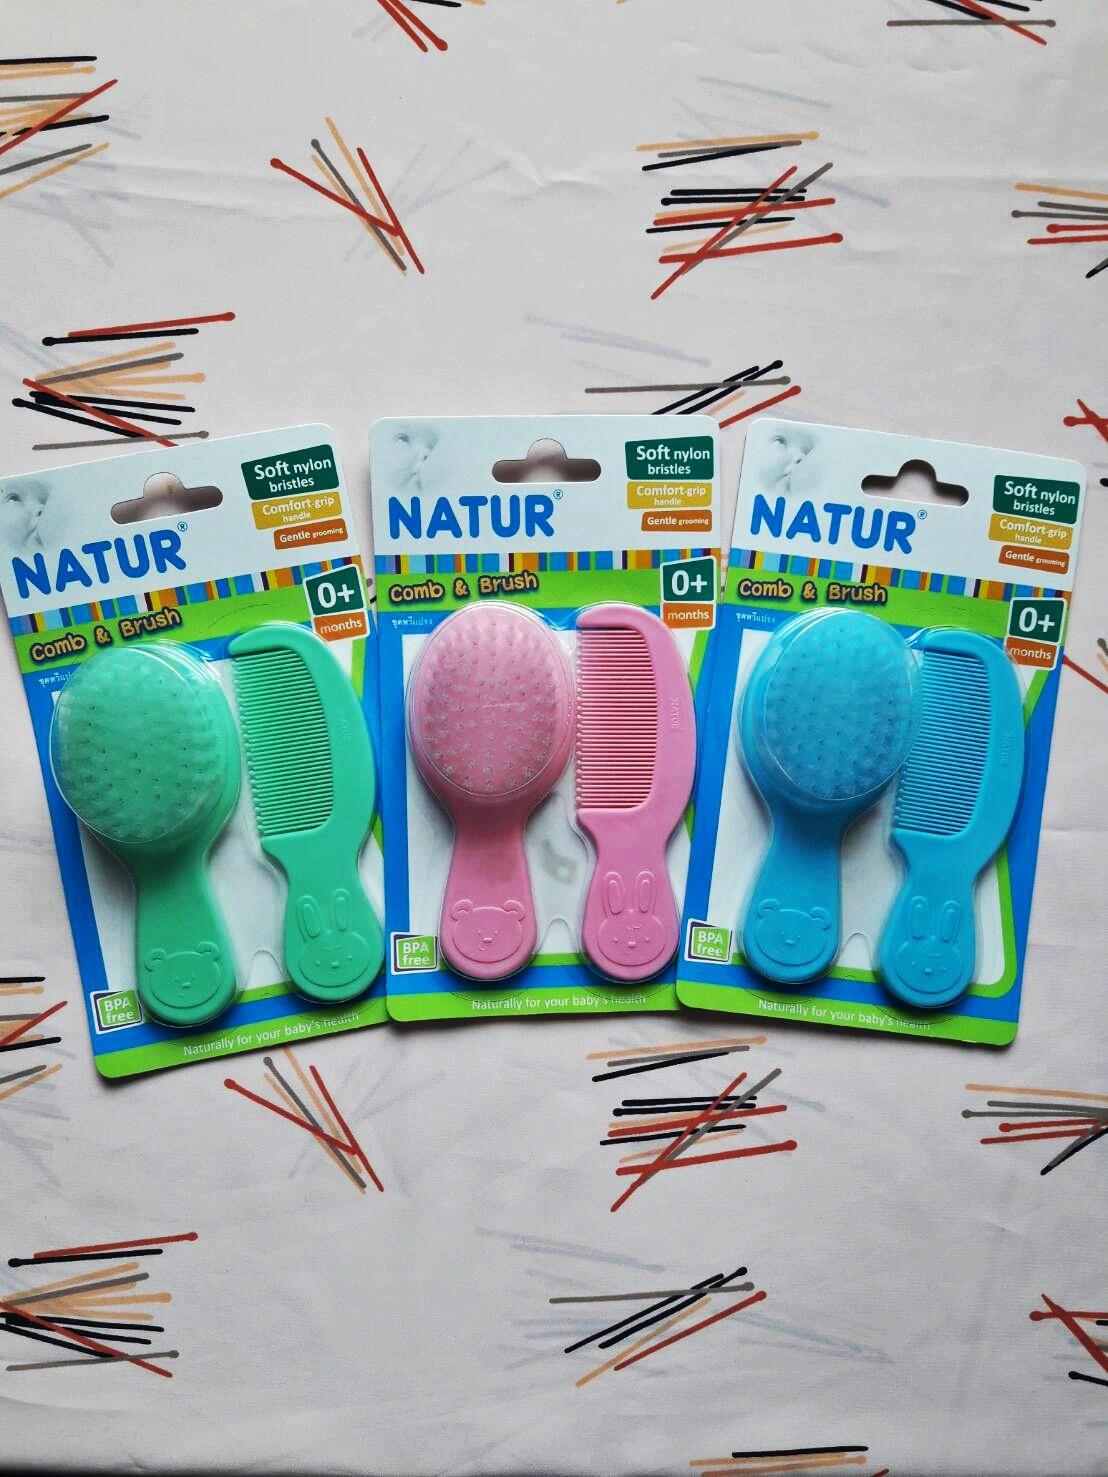 ชุดหวีแปรงสำหรับเด็กอ่อน Natur รูปกระต่ายน้อย & หมูน้อย